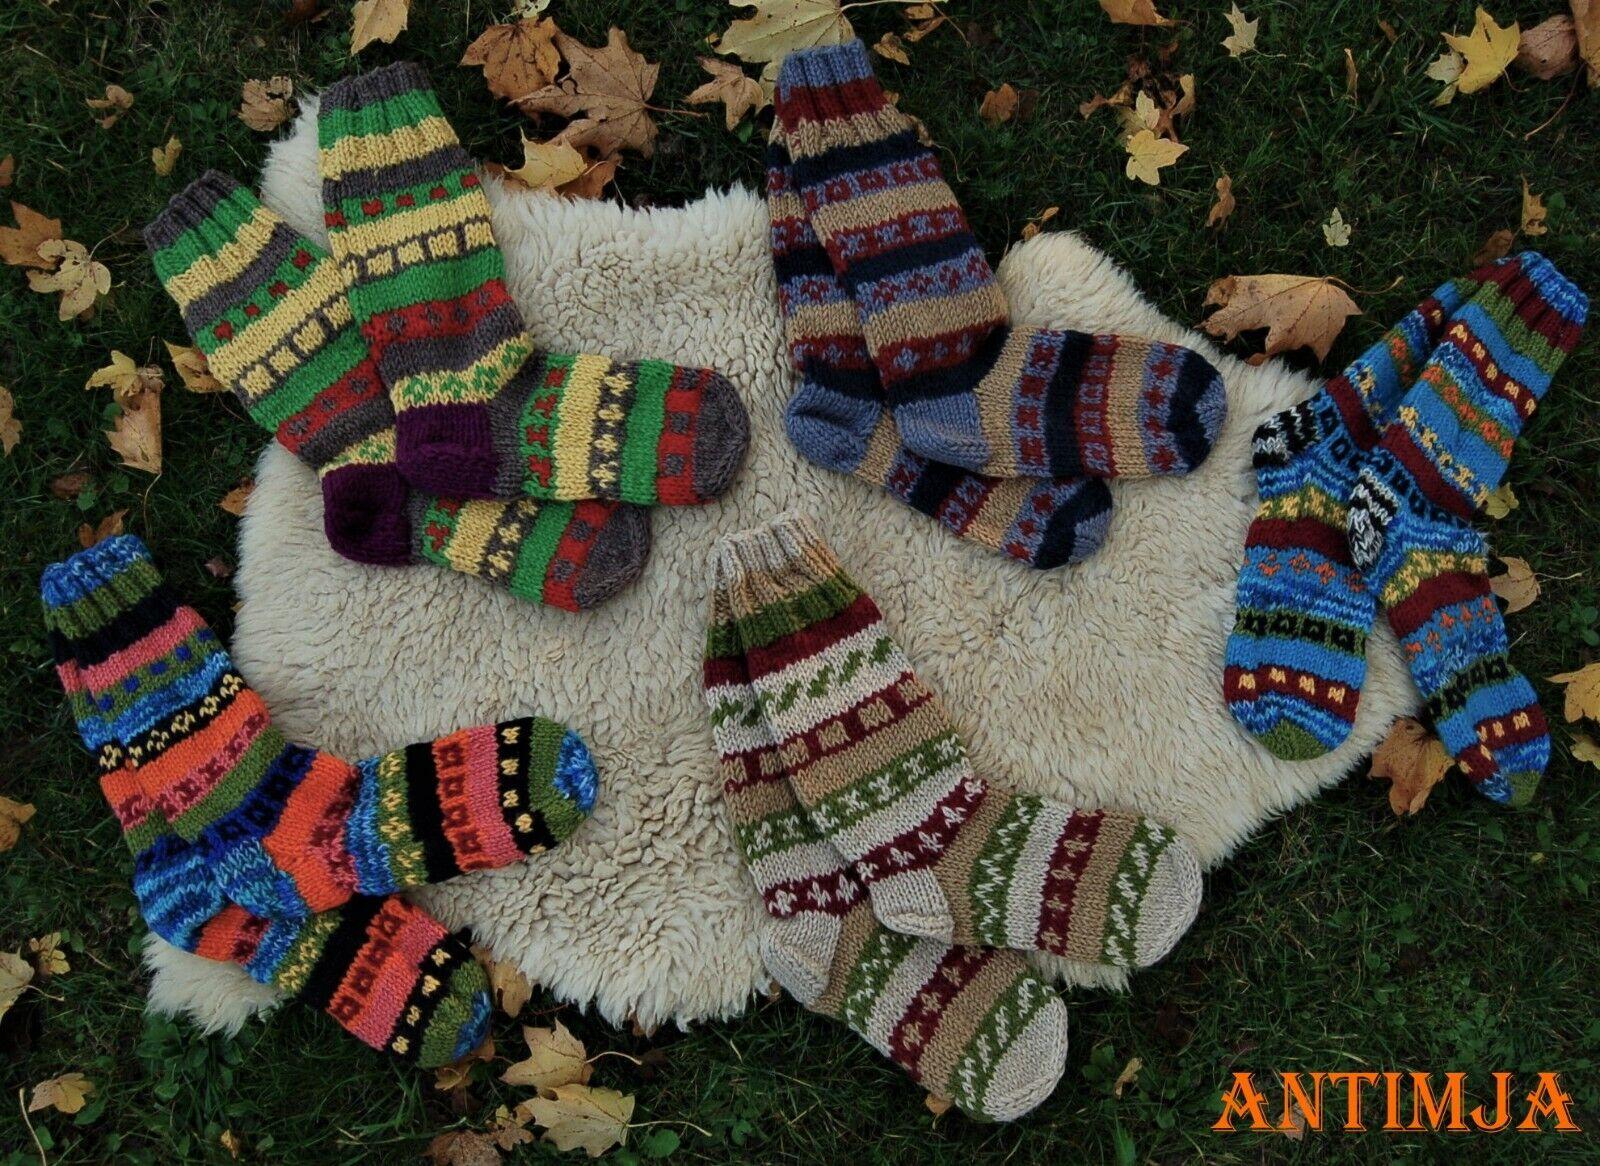 Wollsocken Bunte Wollstrümpfe Handgestrickt Haussocken Warme Winterstrümpfe